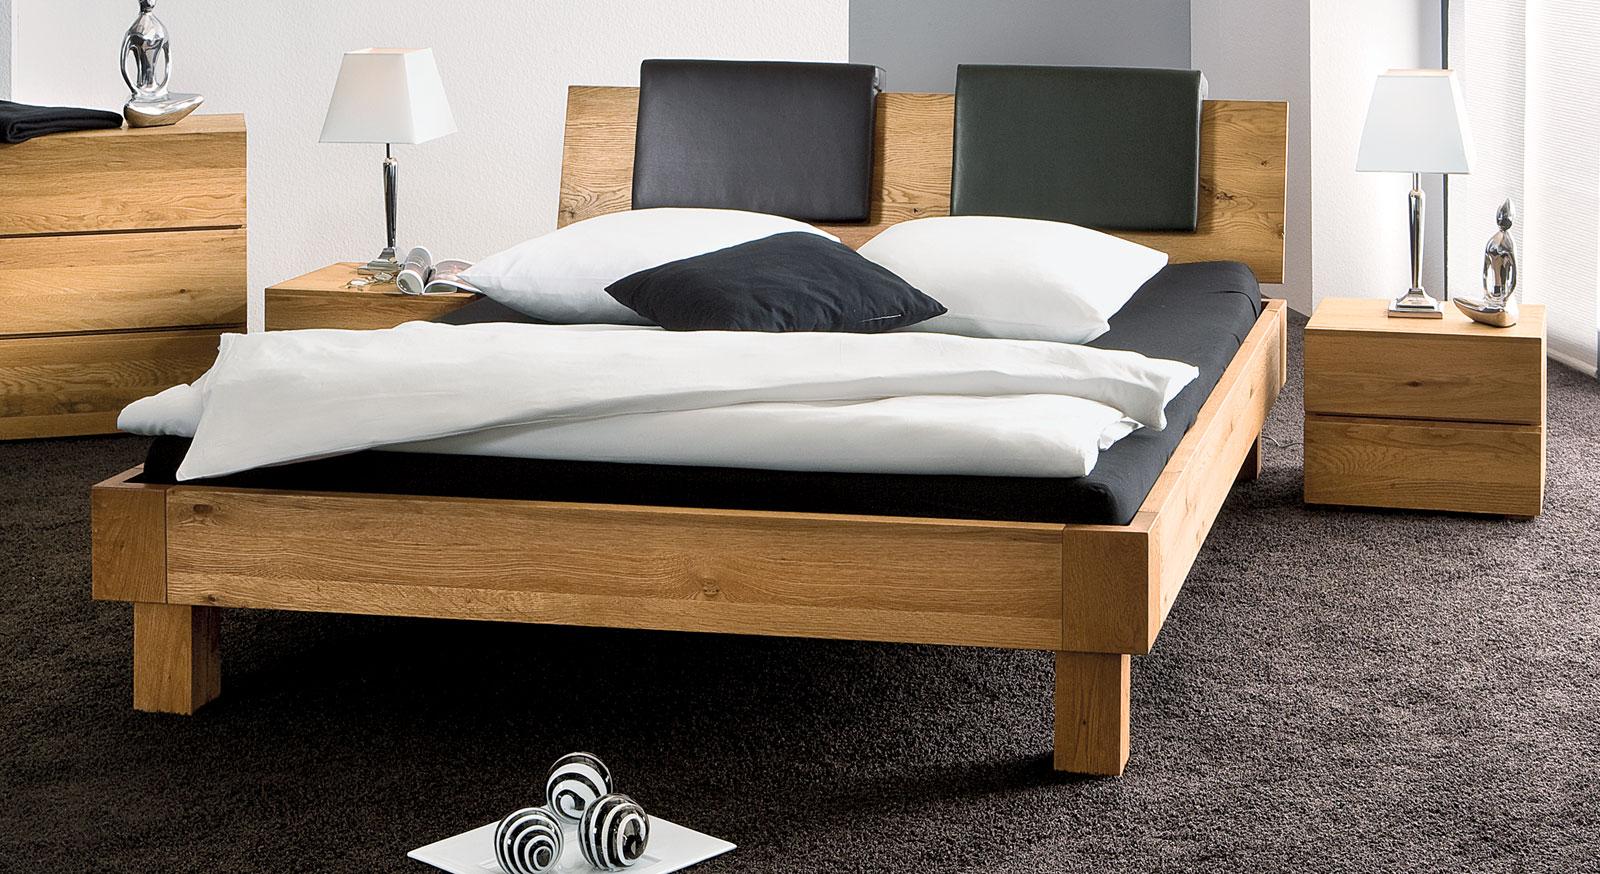 Full Size of Stabiles Bett Costa Rica Aus Eichenholz Bestellen Bettende Bett Betten.de